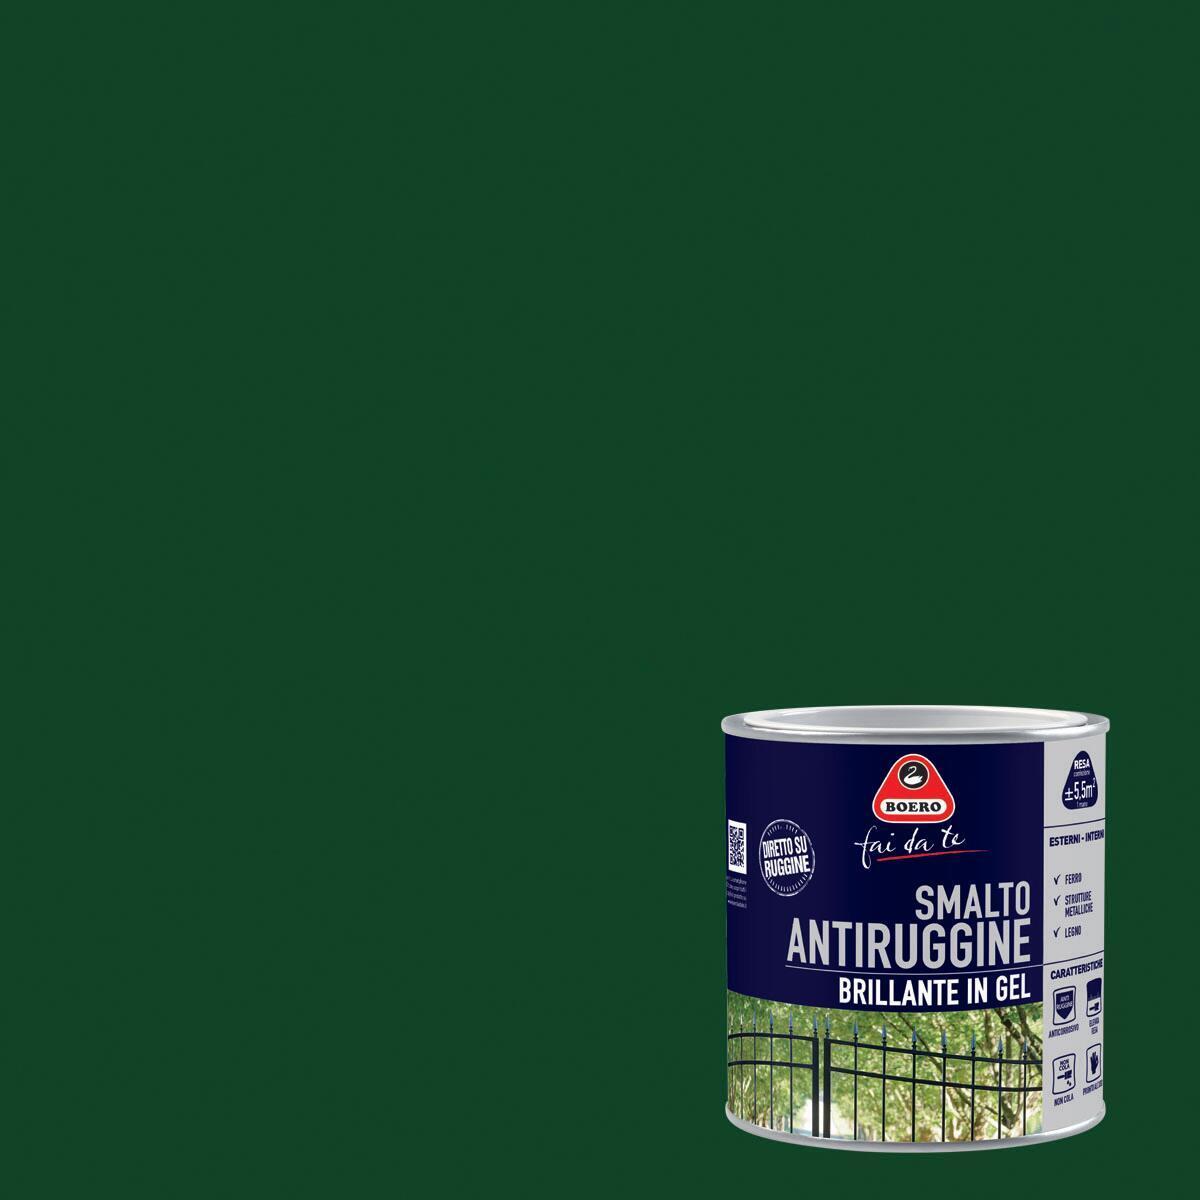 Smalto antiruggine BOERO FAI DA TE verde impero 0.5 L - 1